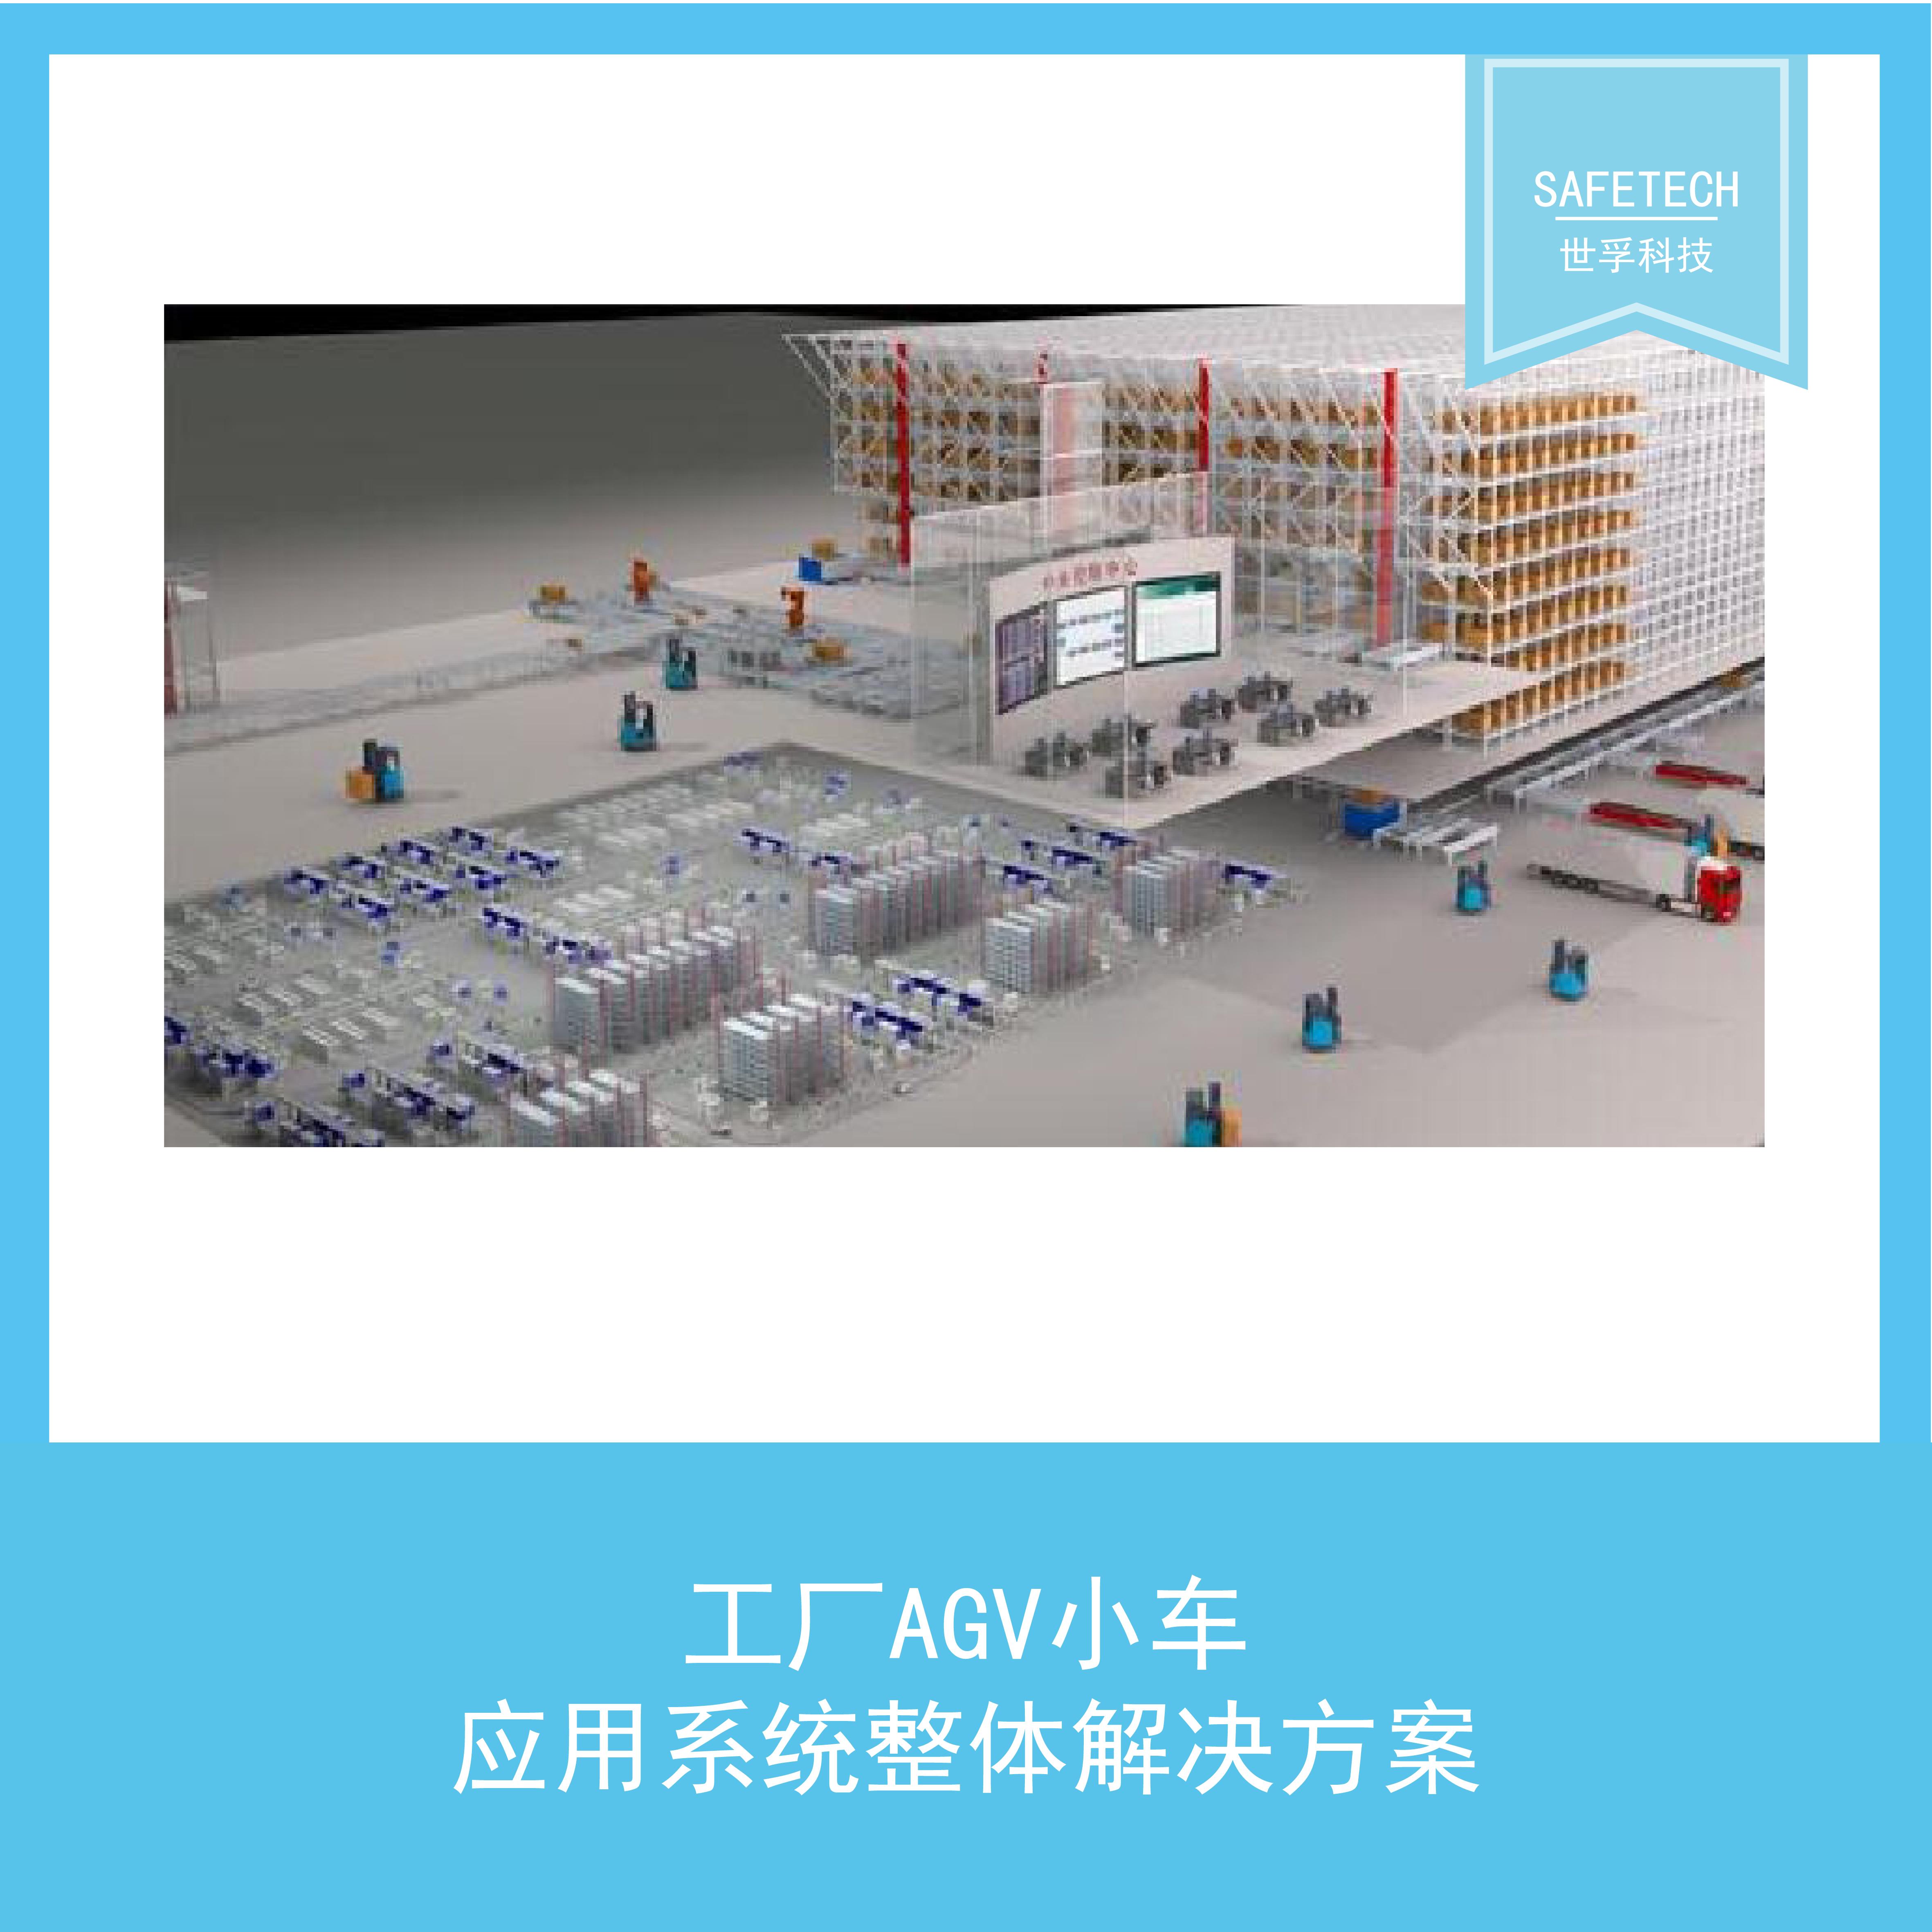 工厂AGV小车运输系统整体解决方案